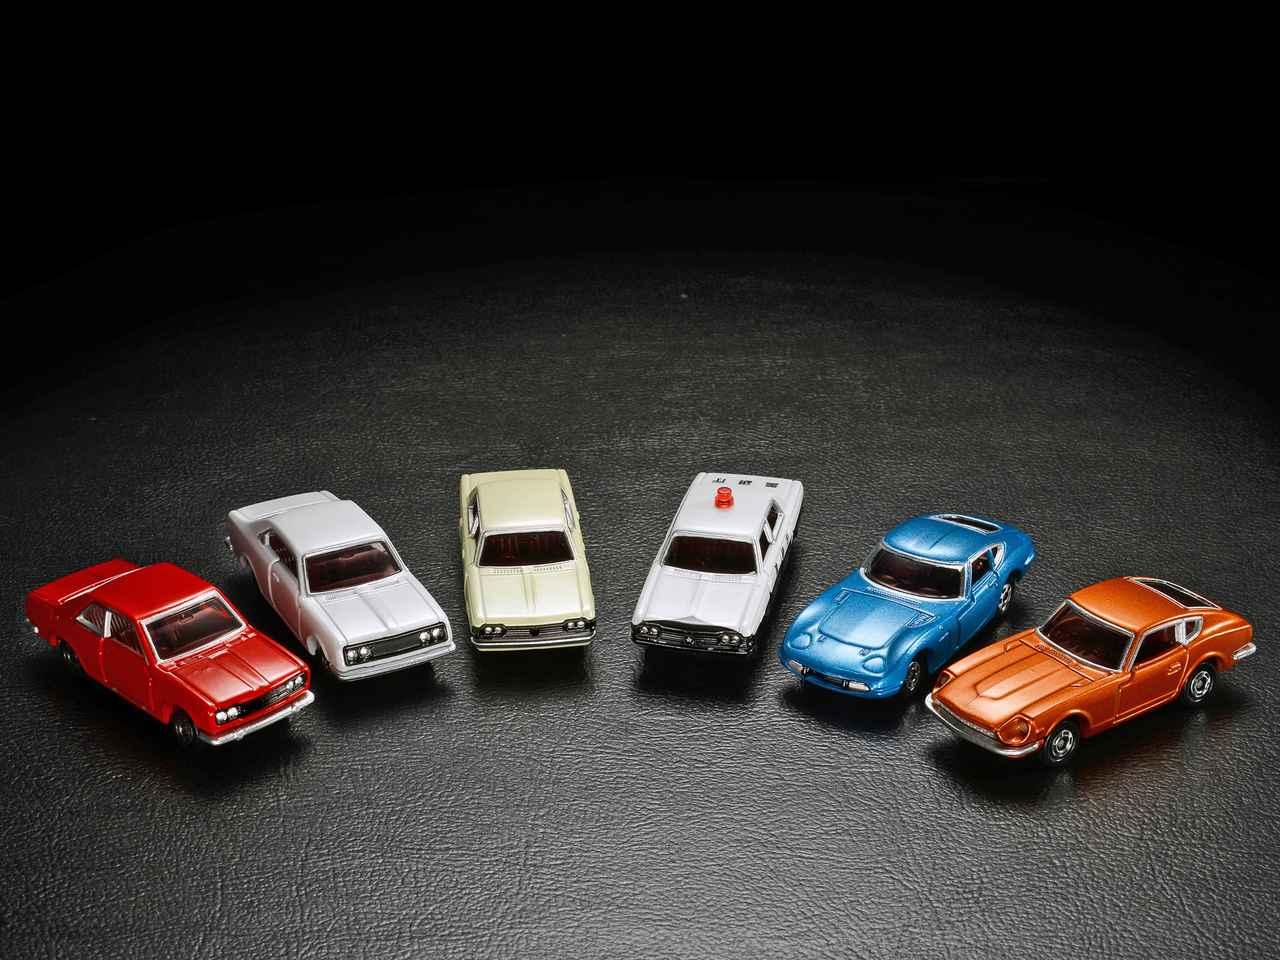 【東京モーターショー】トミカ50周年記念コレクションを会場で先行展示。開催記念のトミカも発売